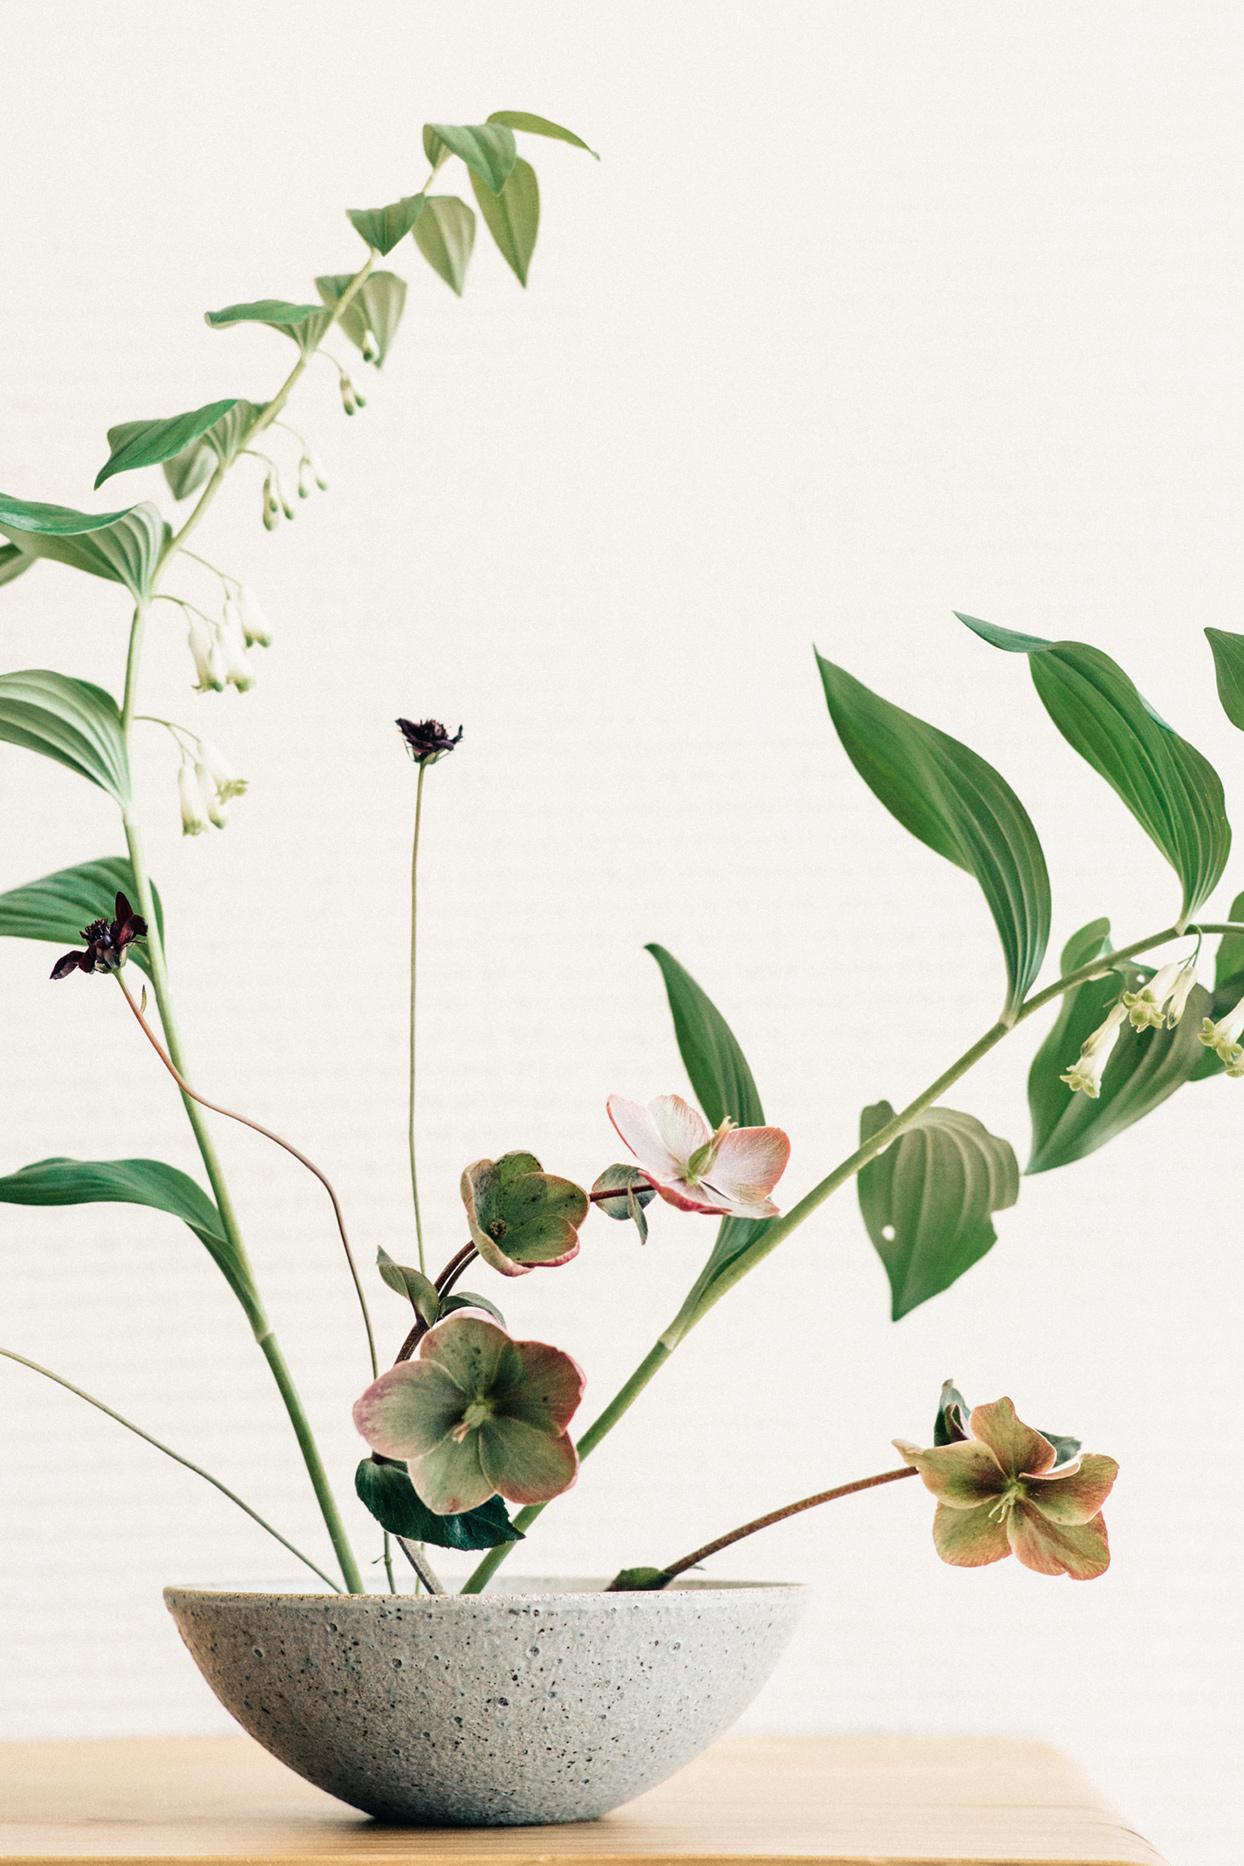 minimalist ikebana florals in stone bowl